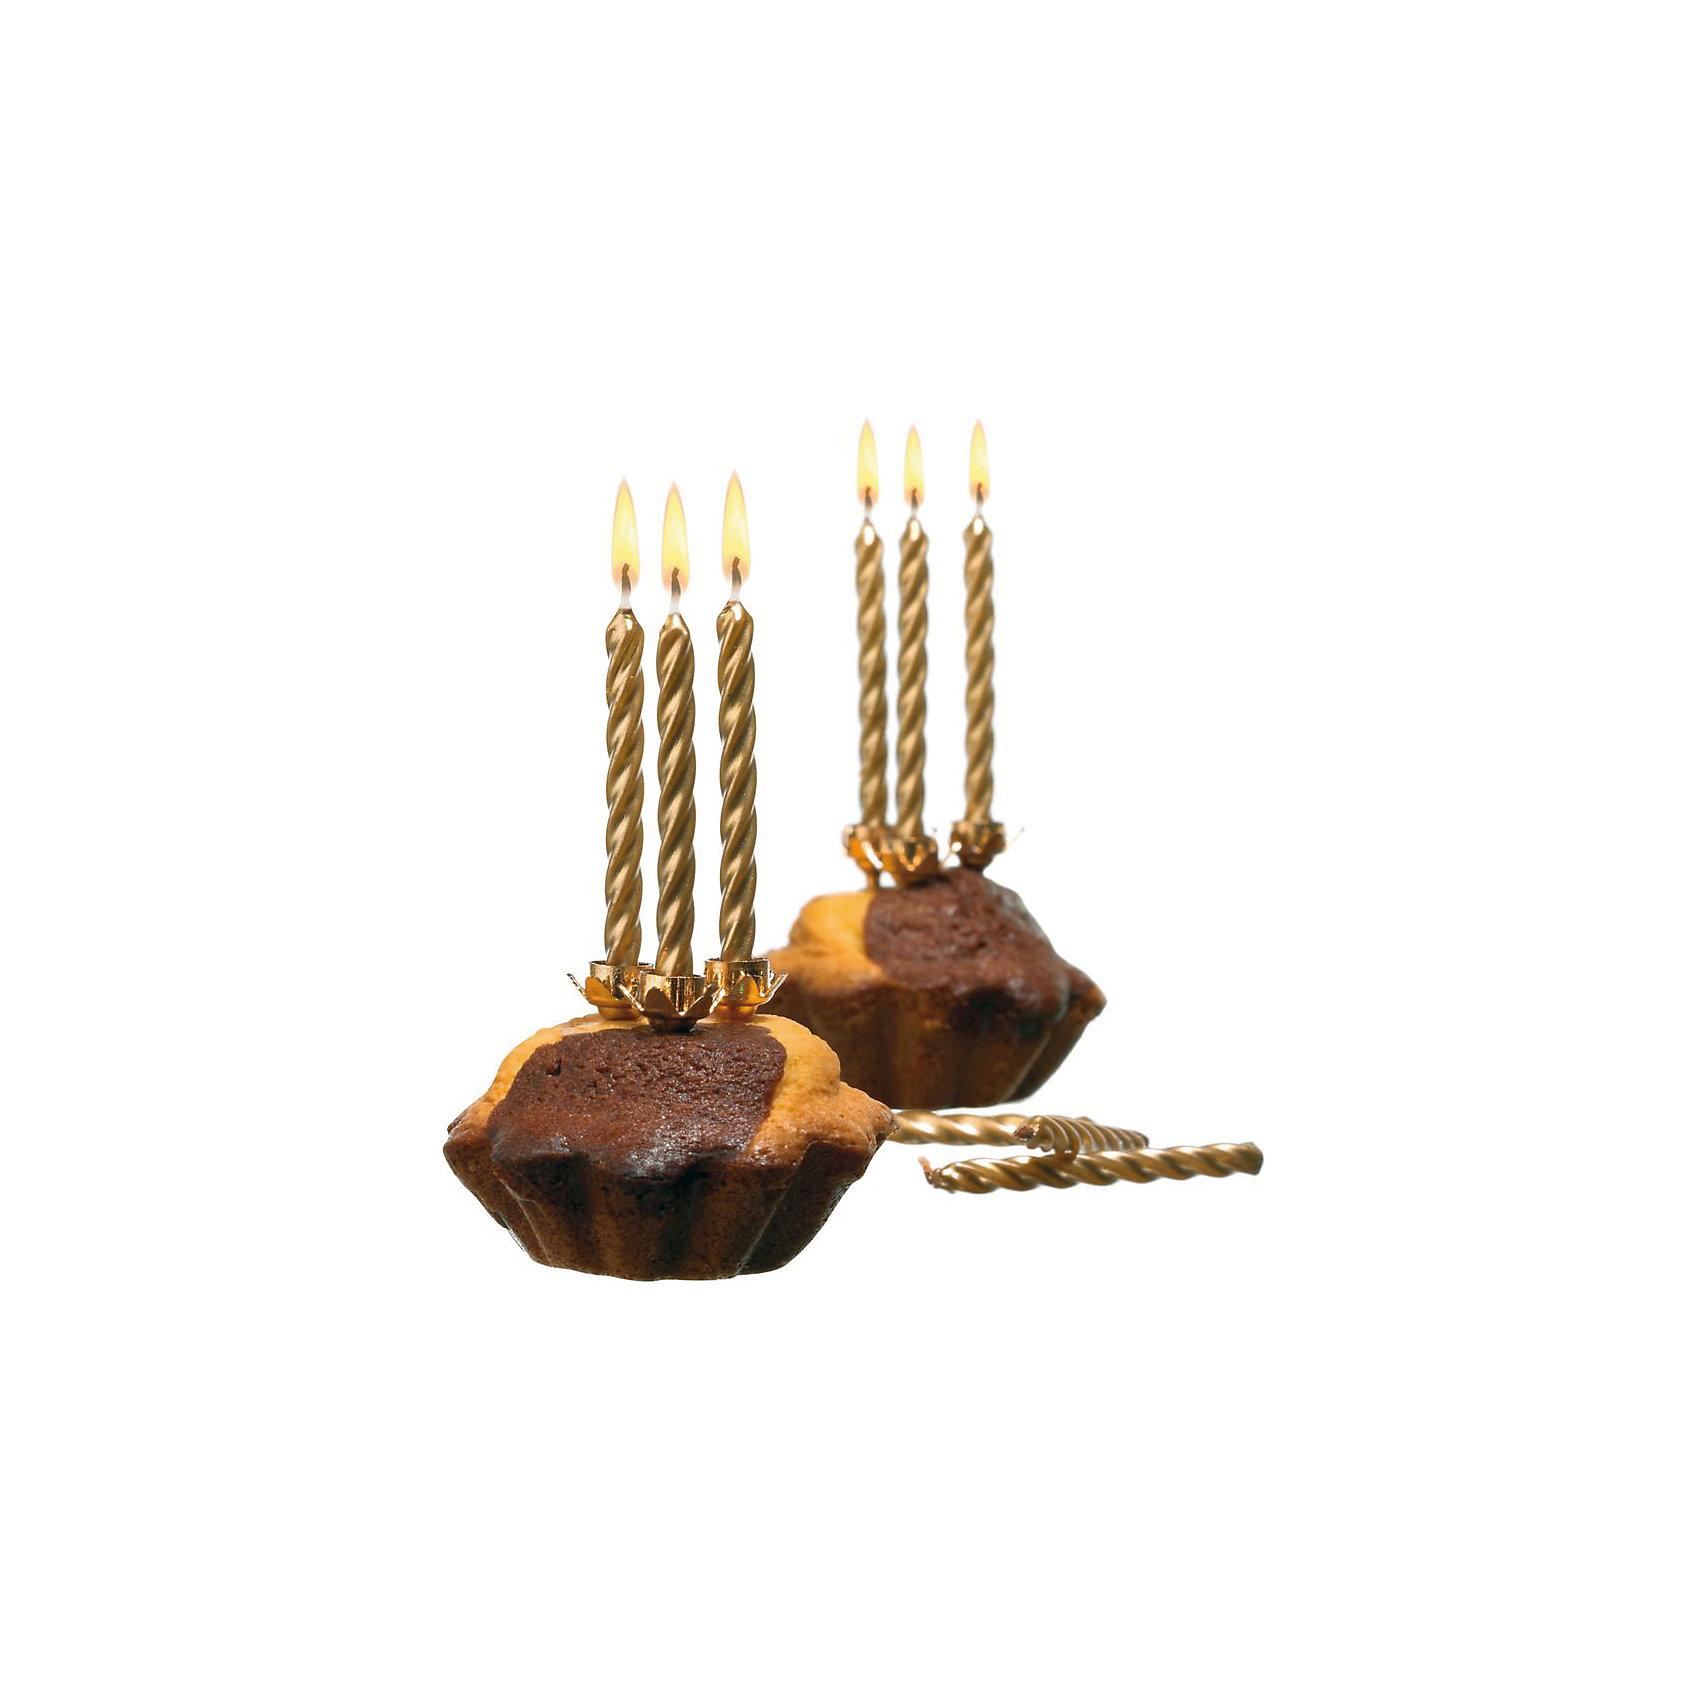 Свечи для торта, 10 шт, 10 подсвечн., золото, парафинВсё для праздника<br>Характеристики товара:<br><br>• возраст: от 3 лет<br>• цвет: золото<br>• размер упаковки: 17х2х20 см<br>• на подсвечниках<br>• комплектация: 10 шт<br>• вес: 50 г<br>• страна бренда: Германия<br>• страна изготовитель: Германия<br><br>Ну что за праздник без торта? А что за торт без свечек? Золотые свечи Herlitz для торта создадут атмосферу праздника и подарят массу положительных эмоций.<br><br>Изделие произведено из безопасного для детей материала.<br><br>Свечи для торта, 10 шт, 10 подсвечн., золото, парафин, от бренда Herlitz (Херлиц) можно купить в нашем интернет-магазине.<br><br>Ширина мм: 17<br>Глубина мм: 90<br>Высота мм: 200<br>Вес г: 38<br>Возраст от месяцев: 36<br>Возраст до месяцев: 2147483647<br>Пол: Унисекс<br>Возраст: Детский<br>SKU: 6886487